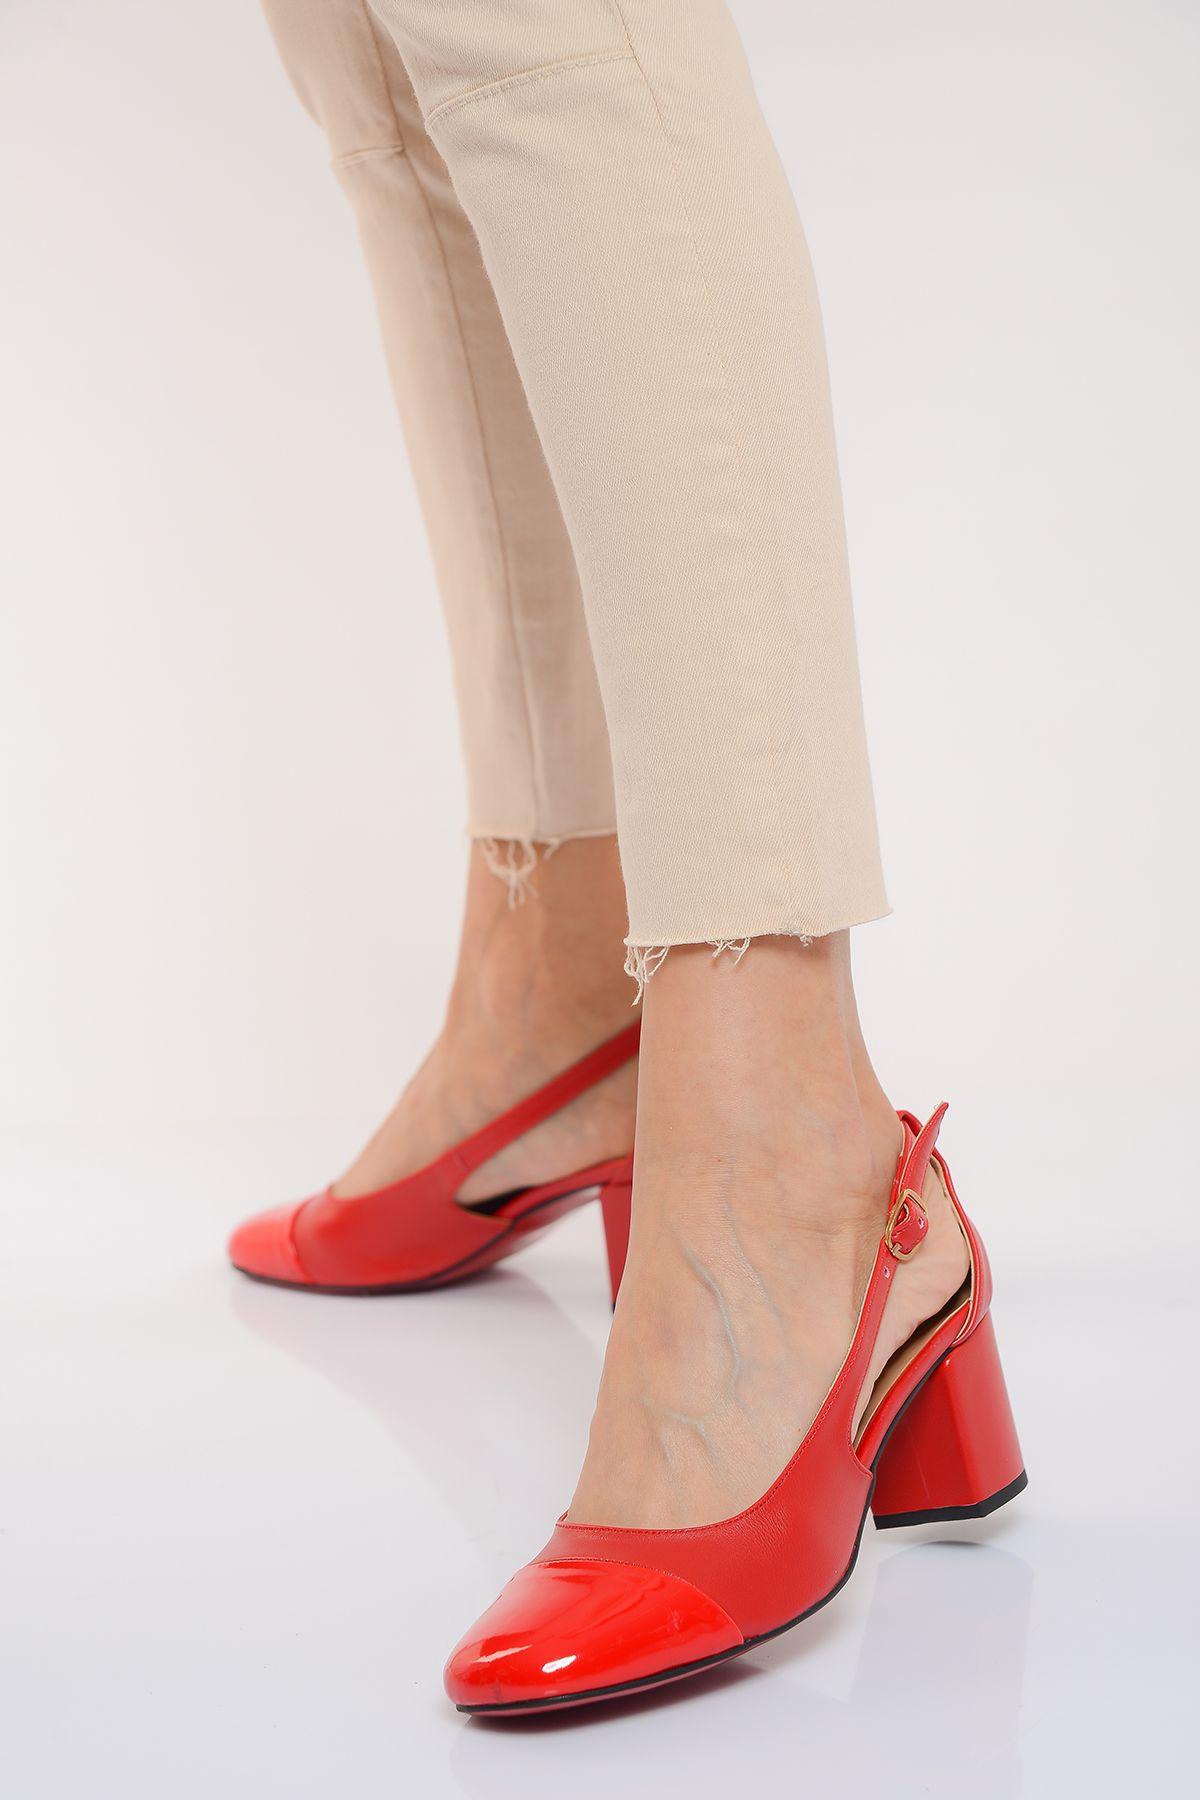 8eebf8d917217 Kadın 2019 Yaz Ayakkabı Modelleri, Fiyatları, Aynı Gün Kargo - Shoes ...